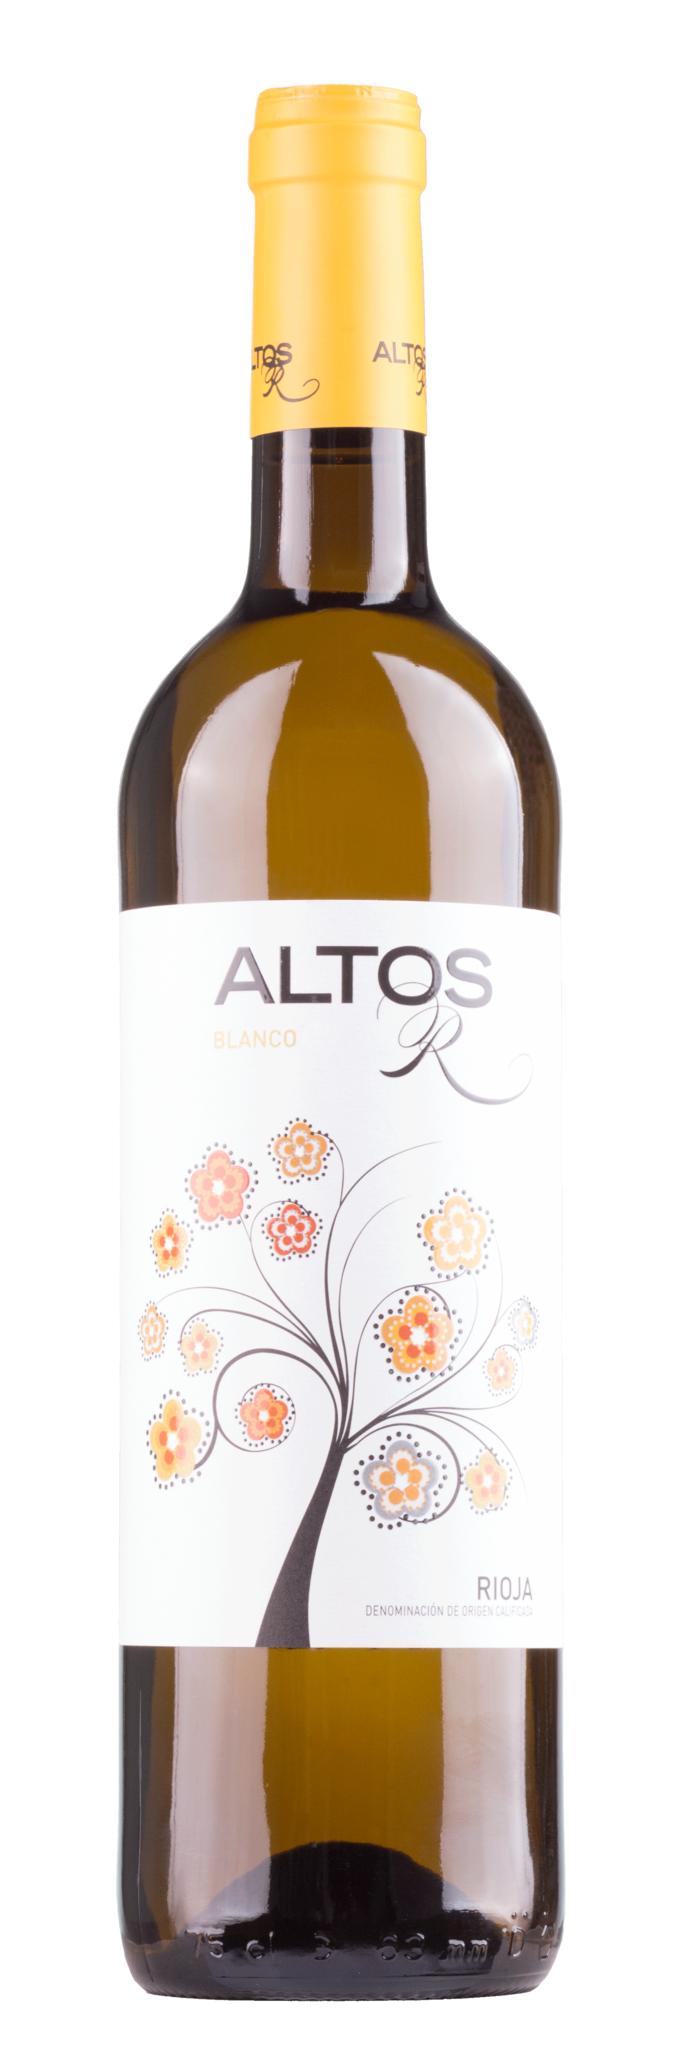 Altos de Rioja 2019 Rioja Blanco DOCa, Bodegas Altos R